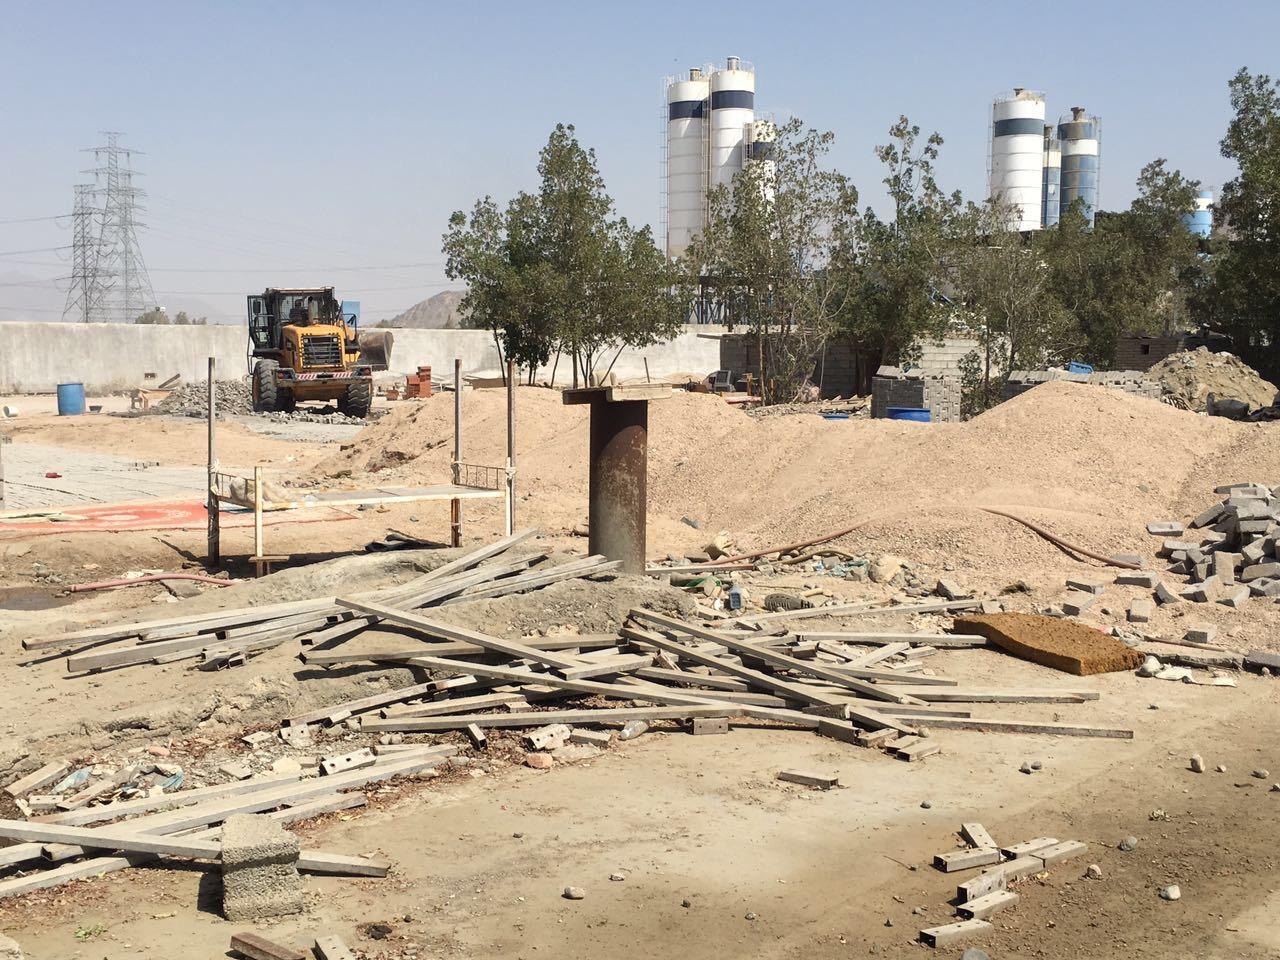 بالصور.. مخالفات تغلق مصنَعَيْن للطوب بشوقية مكة - المواطن